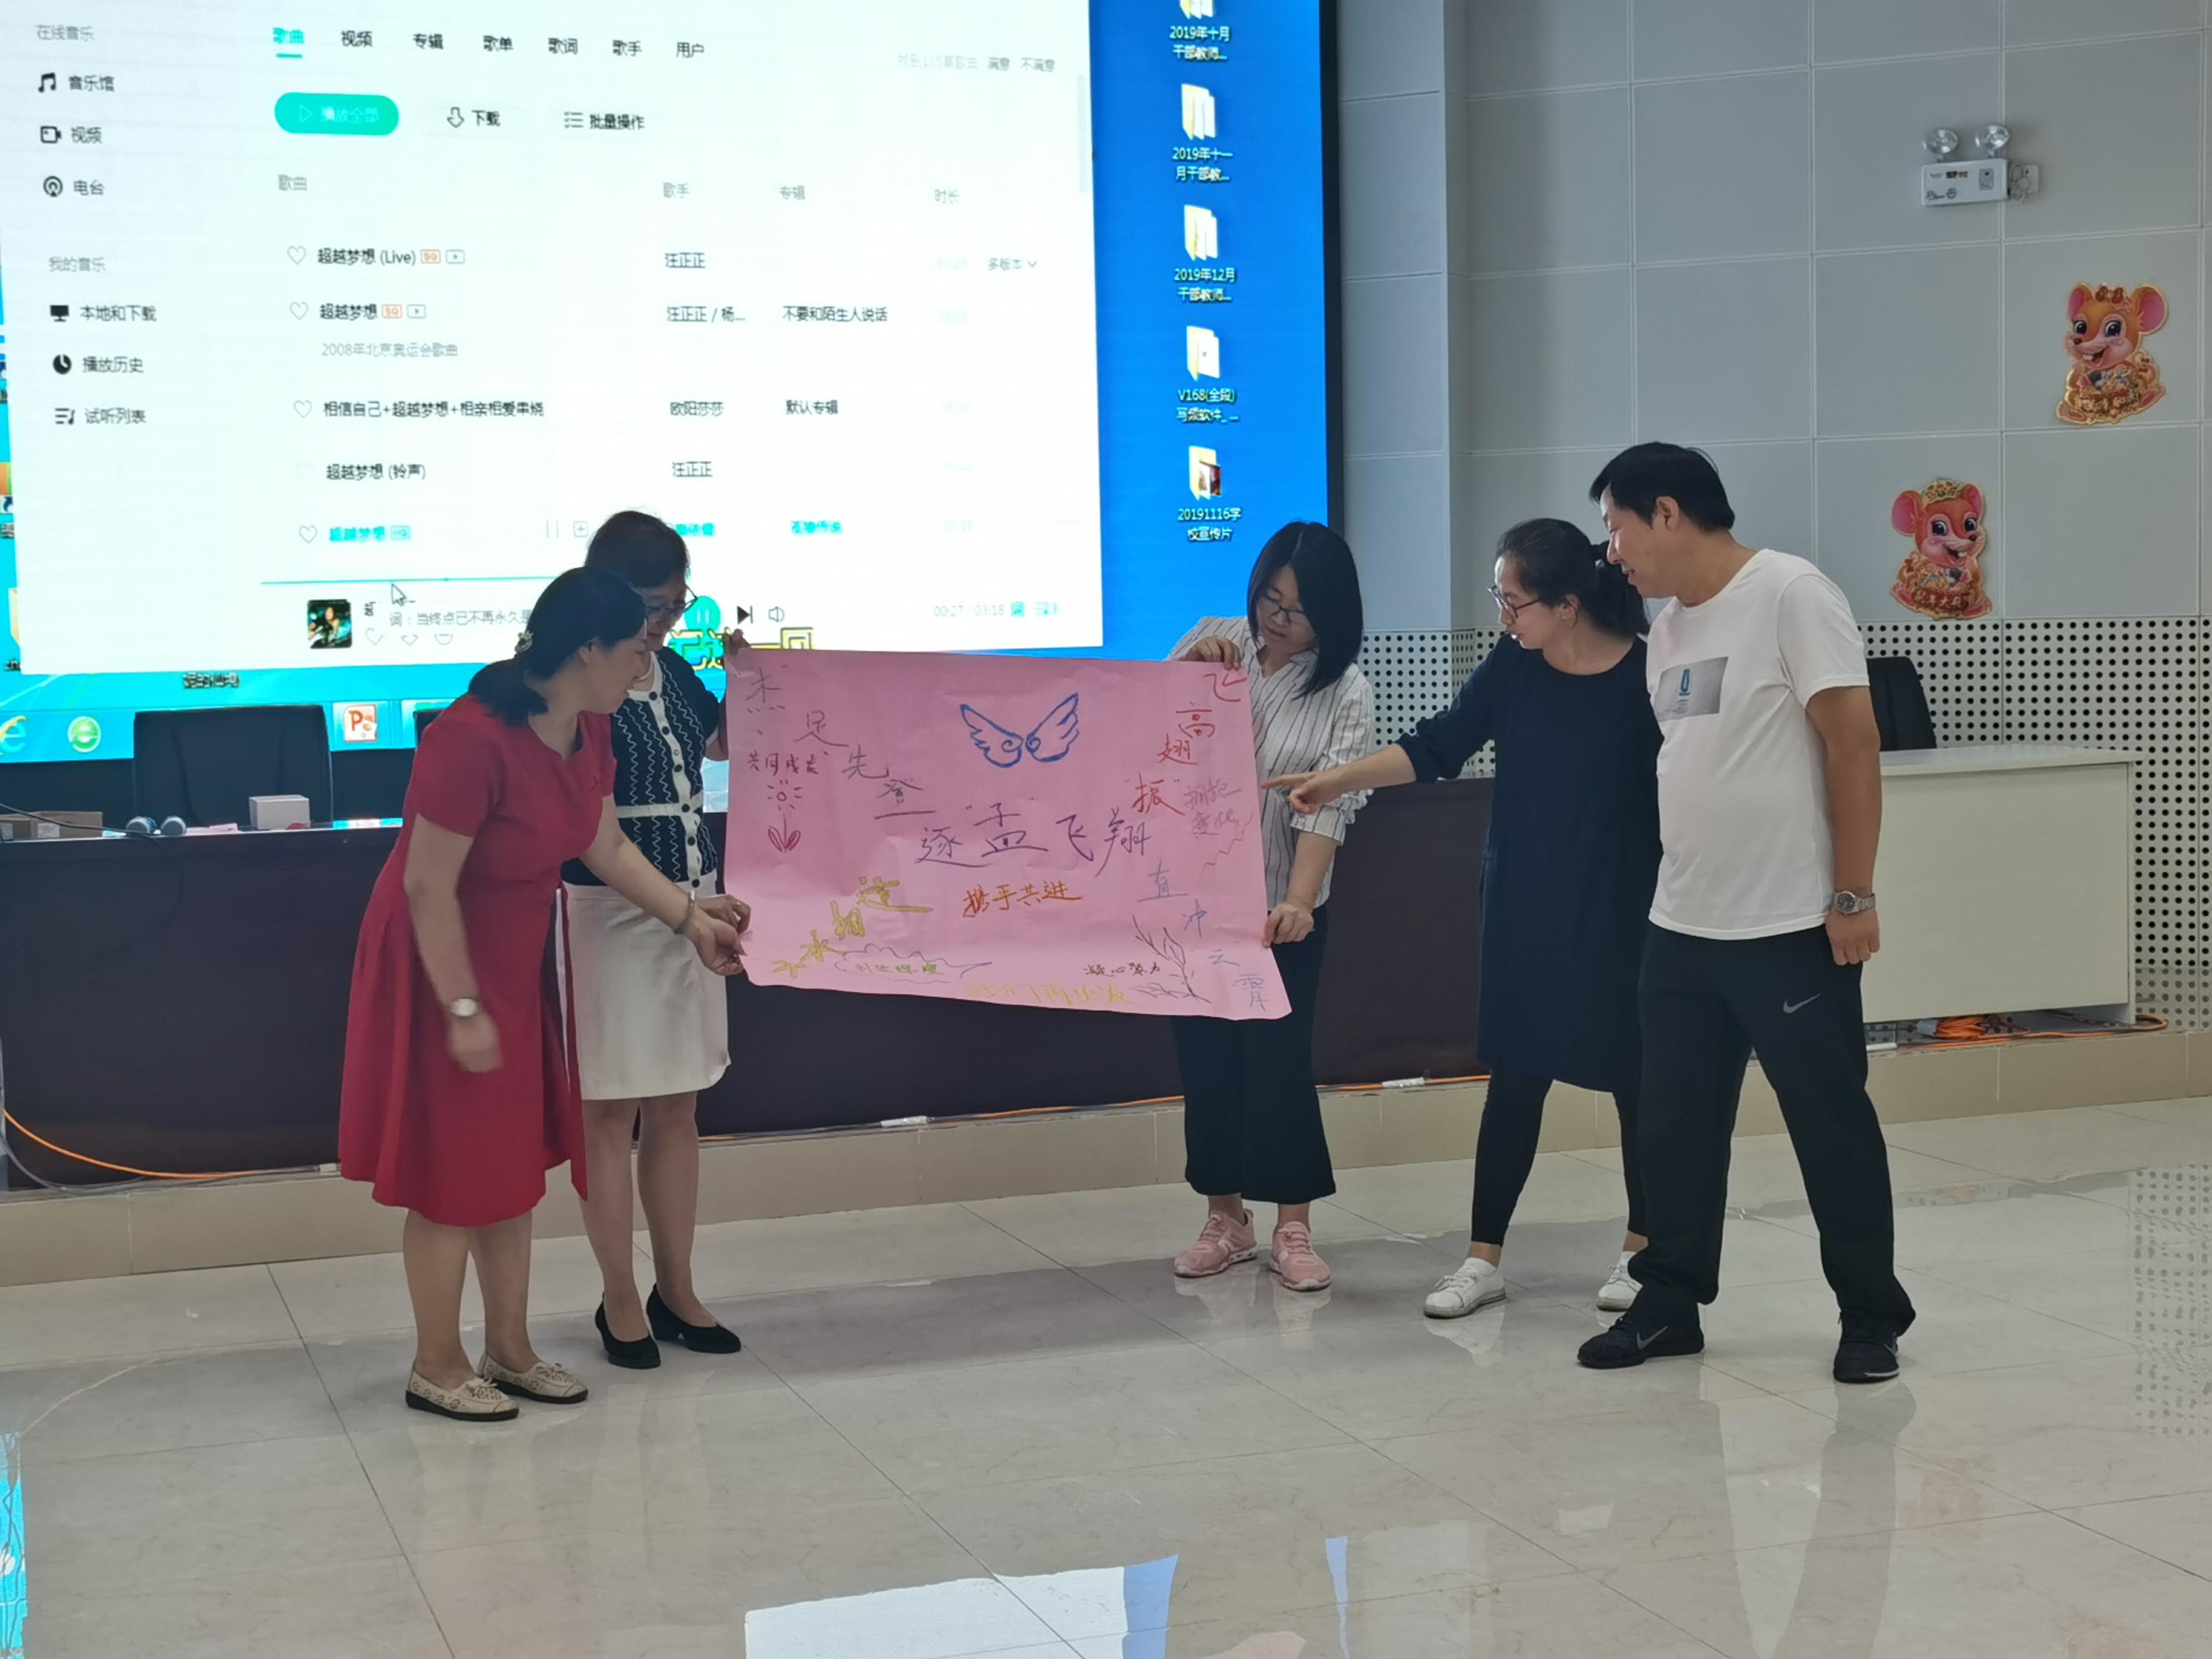 语文组团队展示.jpg